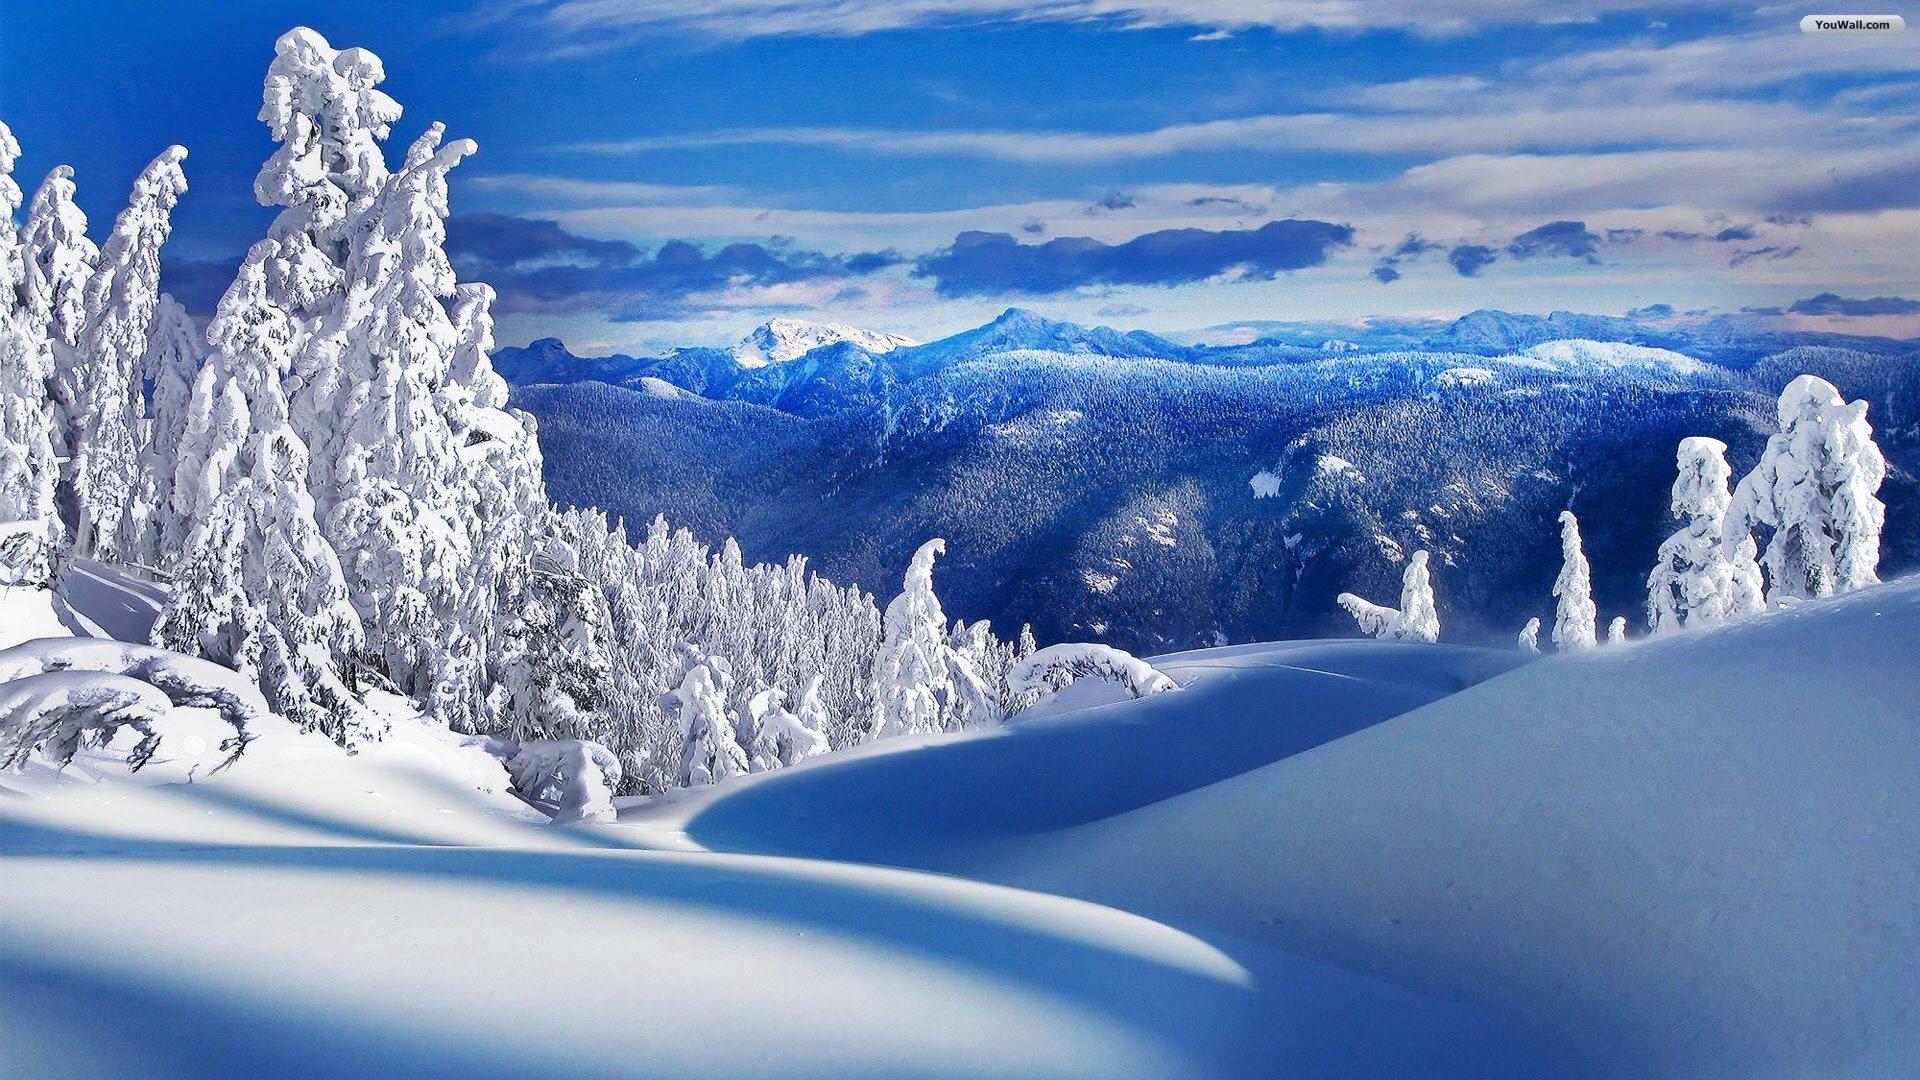 winter-landscape-wallpaper-1